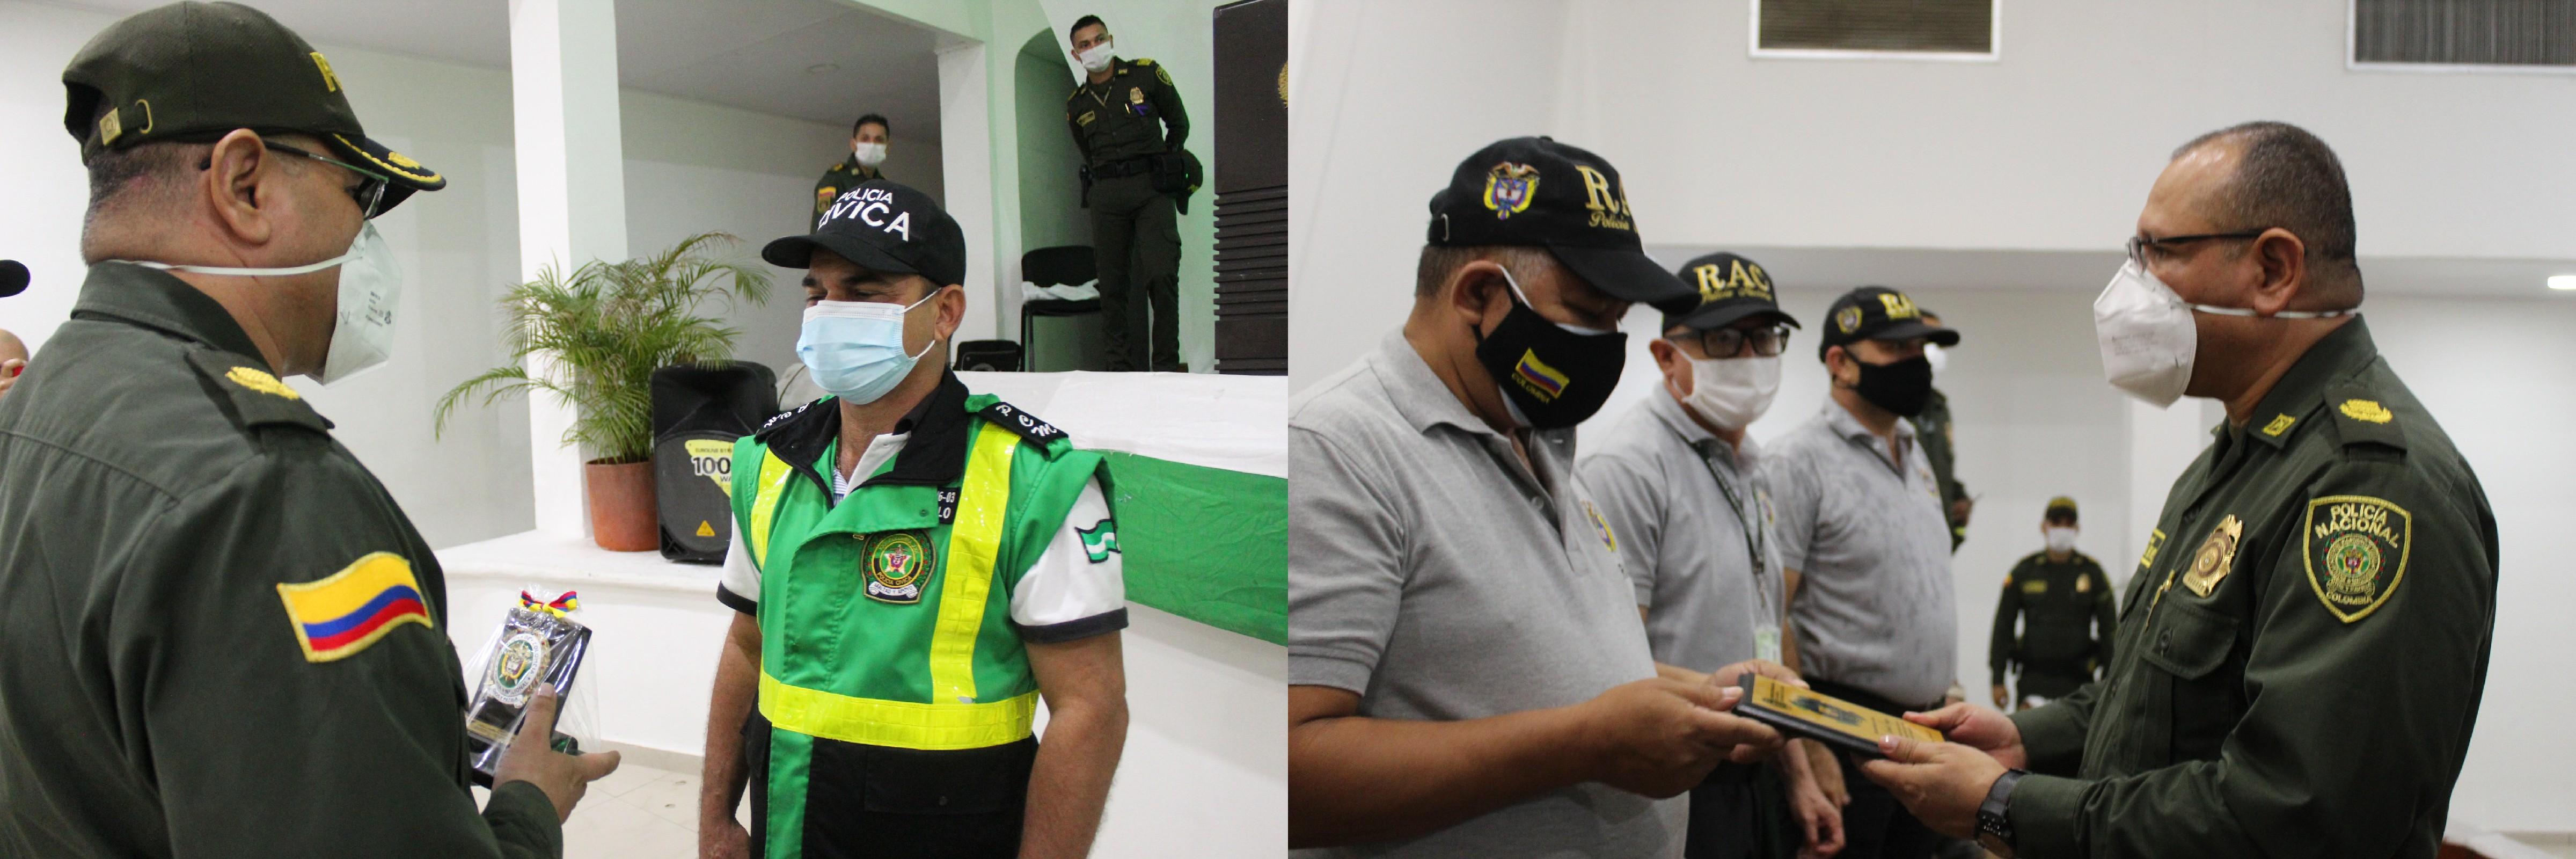 hoyennoticia.com, En Valledupar entregan reconocimiento a la Policía Cívica de Mayores, La red de Aliados y Líderes comunales